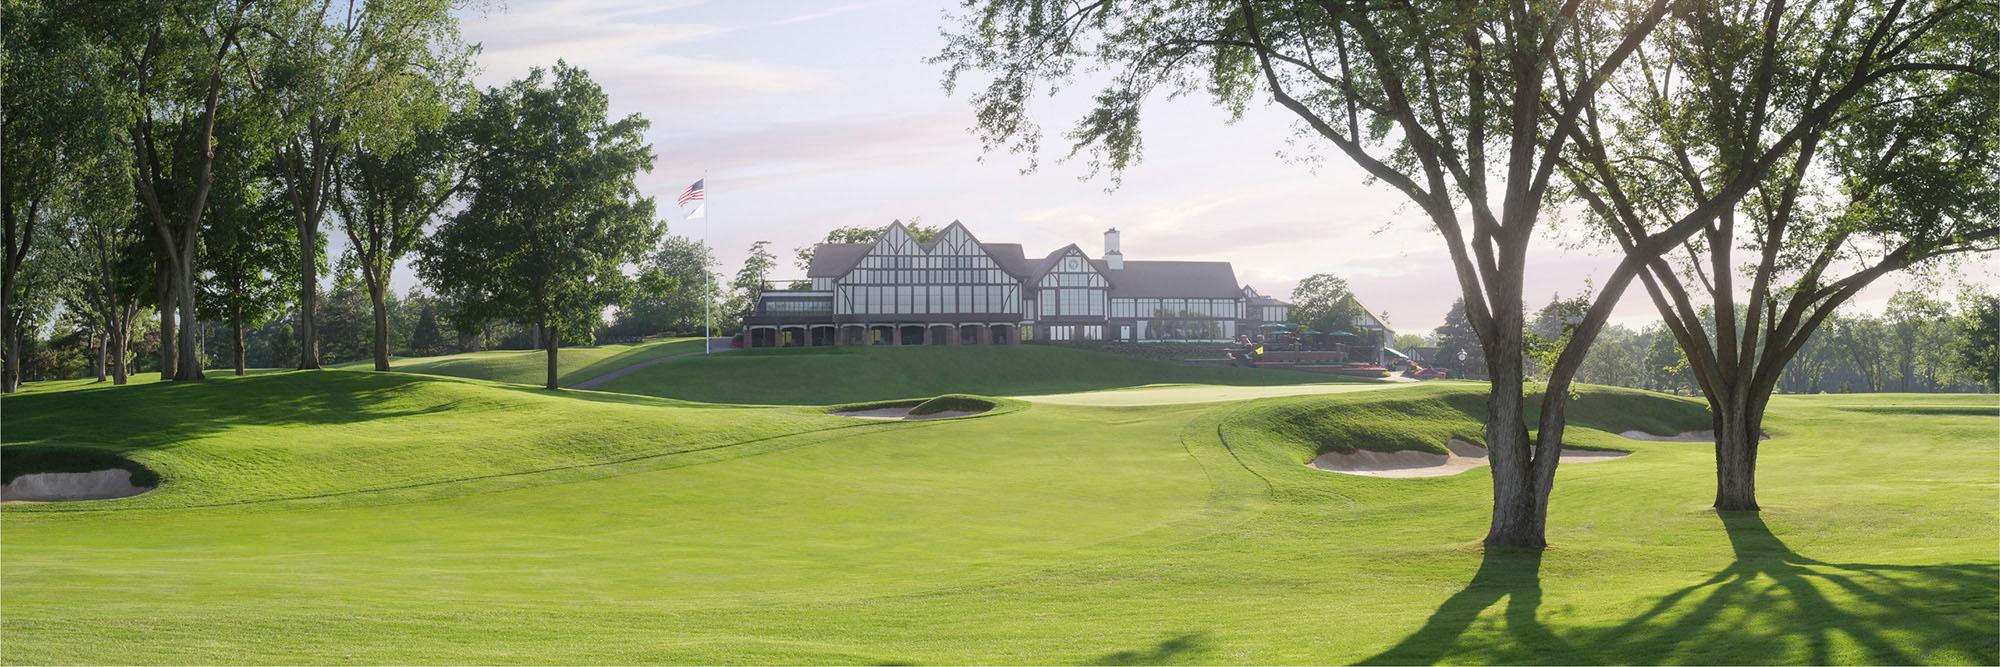 Golf Course Image - Interlachen No. 6